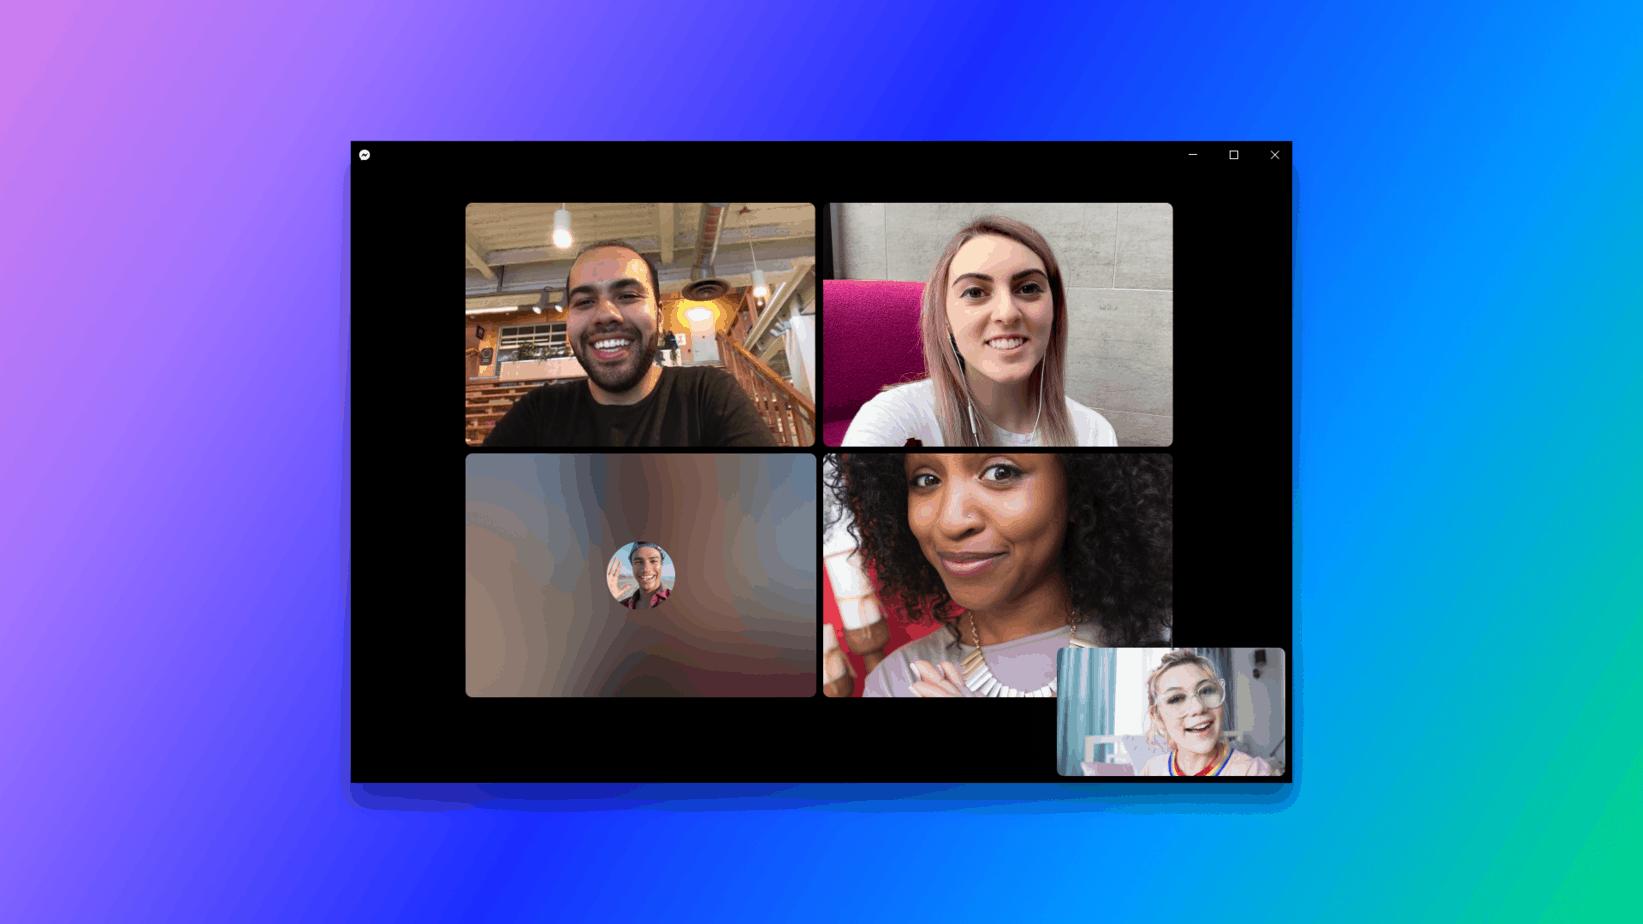 Facebook-messenger-app-for-desktop